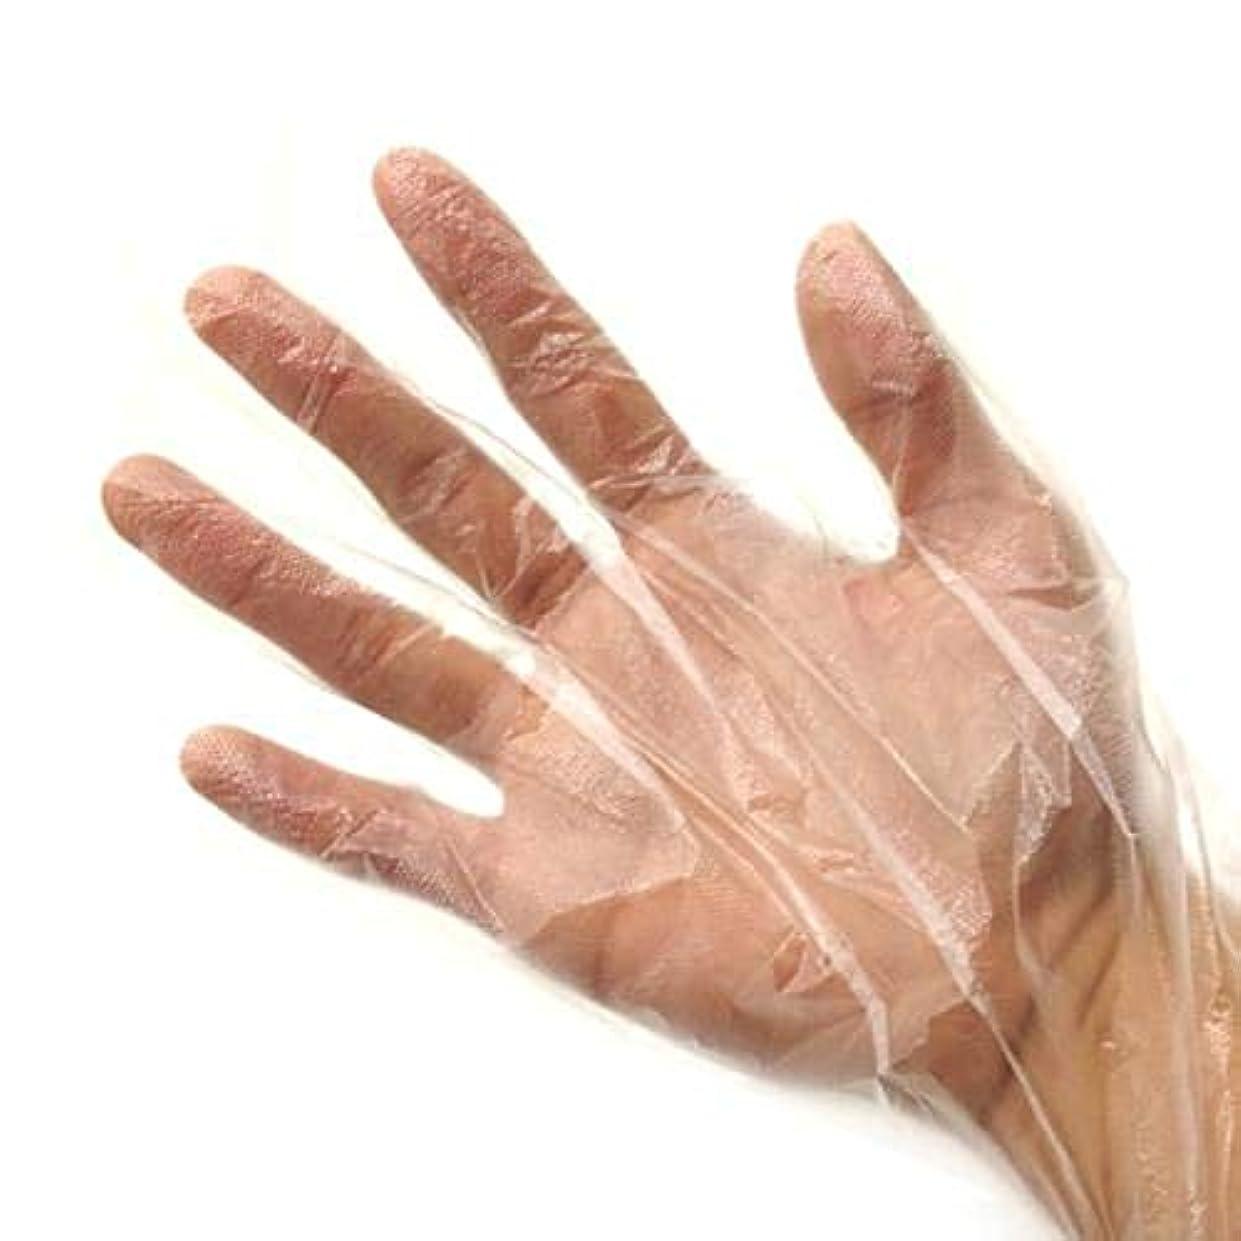 上記の頭と肩奴隷カイウス使い捨て手袋 極薄ビニール手袋 調理 透明 実用 衛生 100枚入